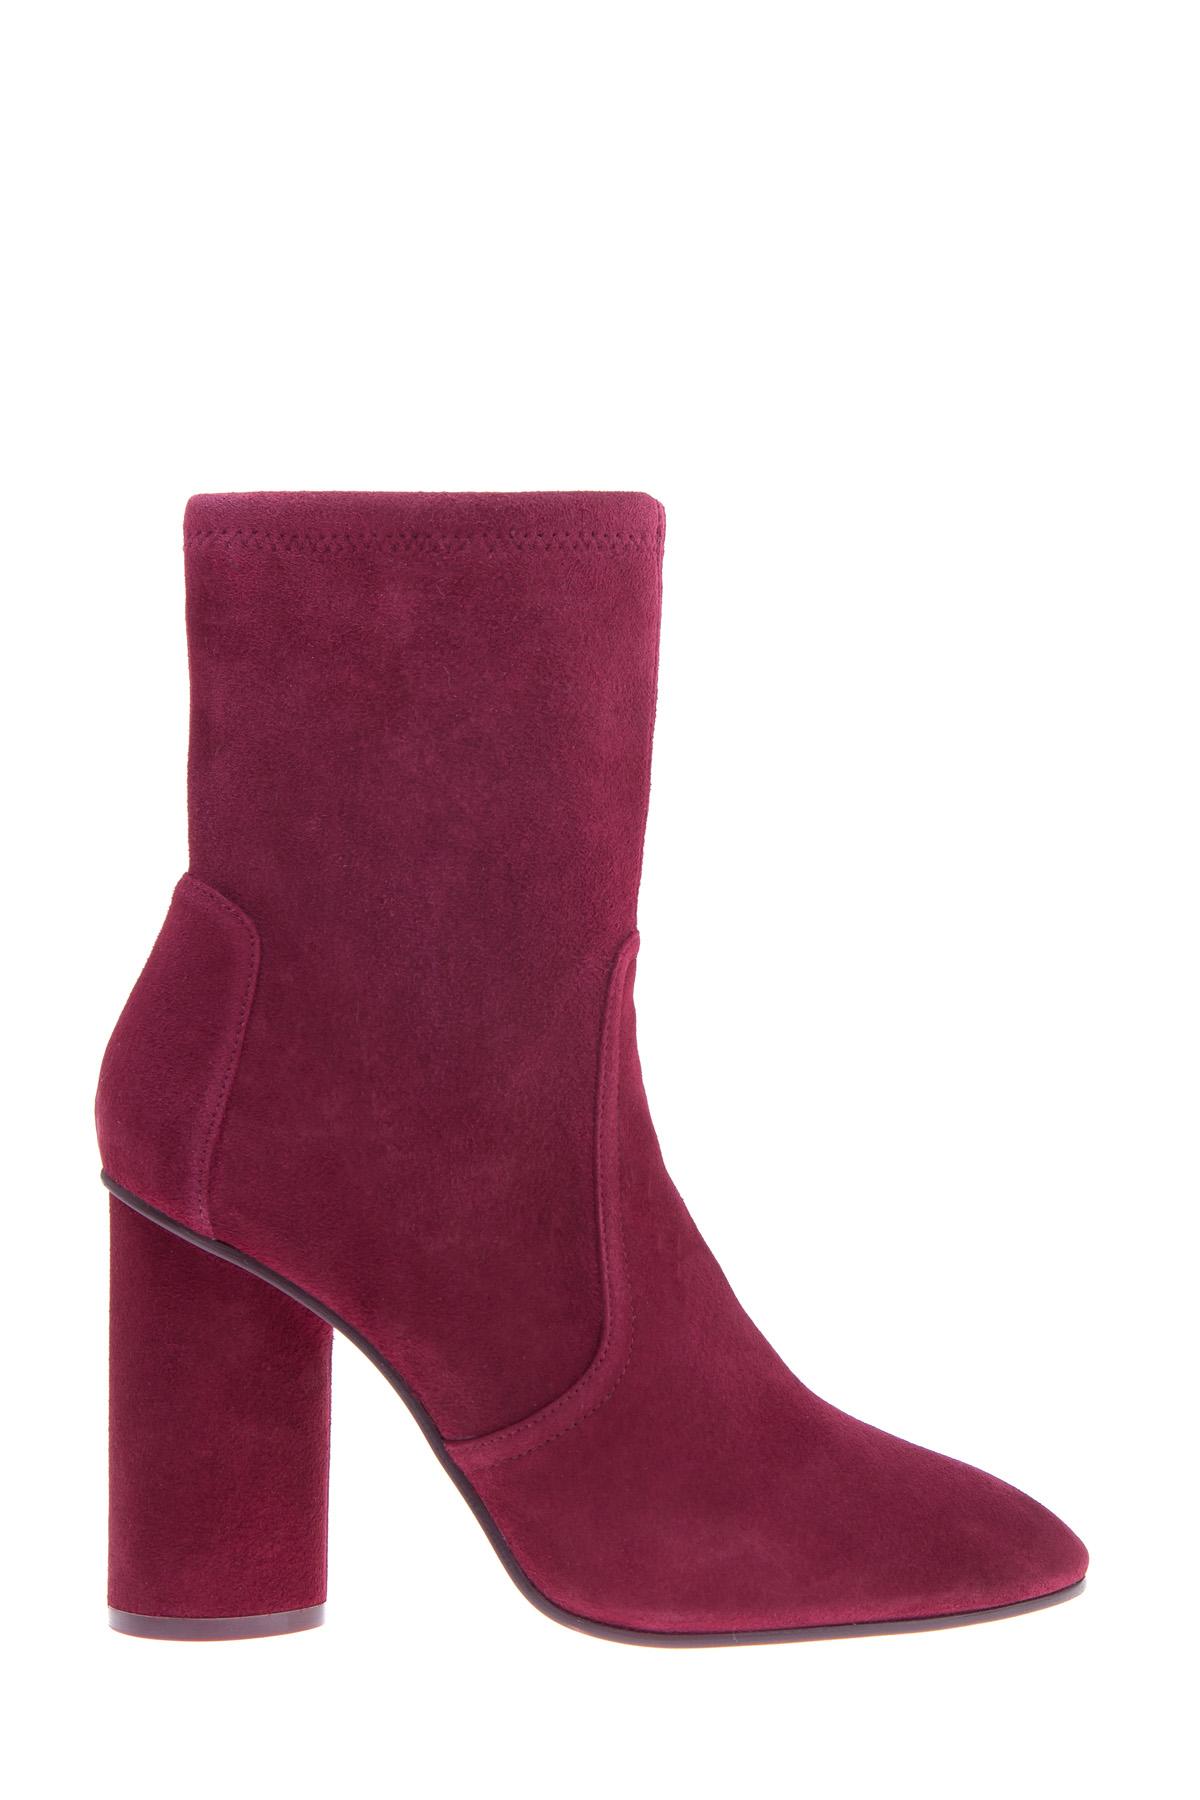 Ботильоны-носки Margot из замши бордового цвета на круглом каблуке